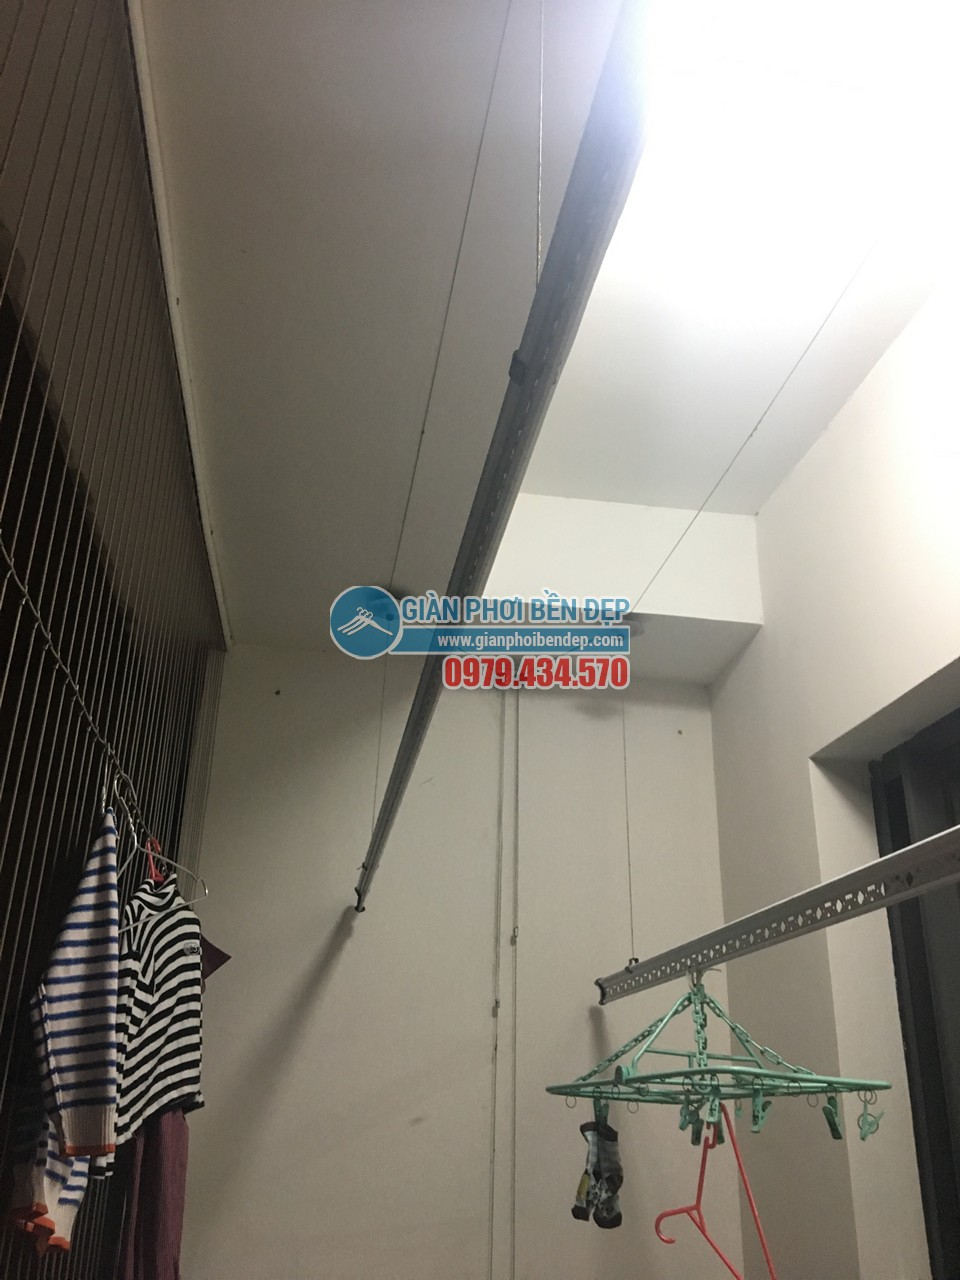 Thay dây cáp cho giàn phơi thông minh nhà chị Linh, tòa Hà Đô Park View - 03